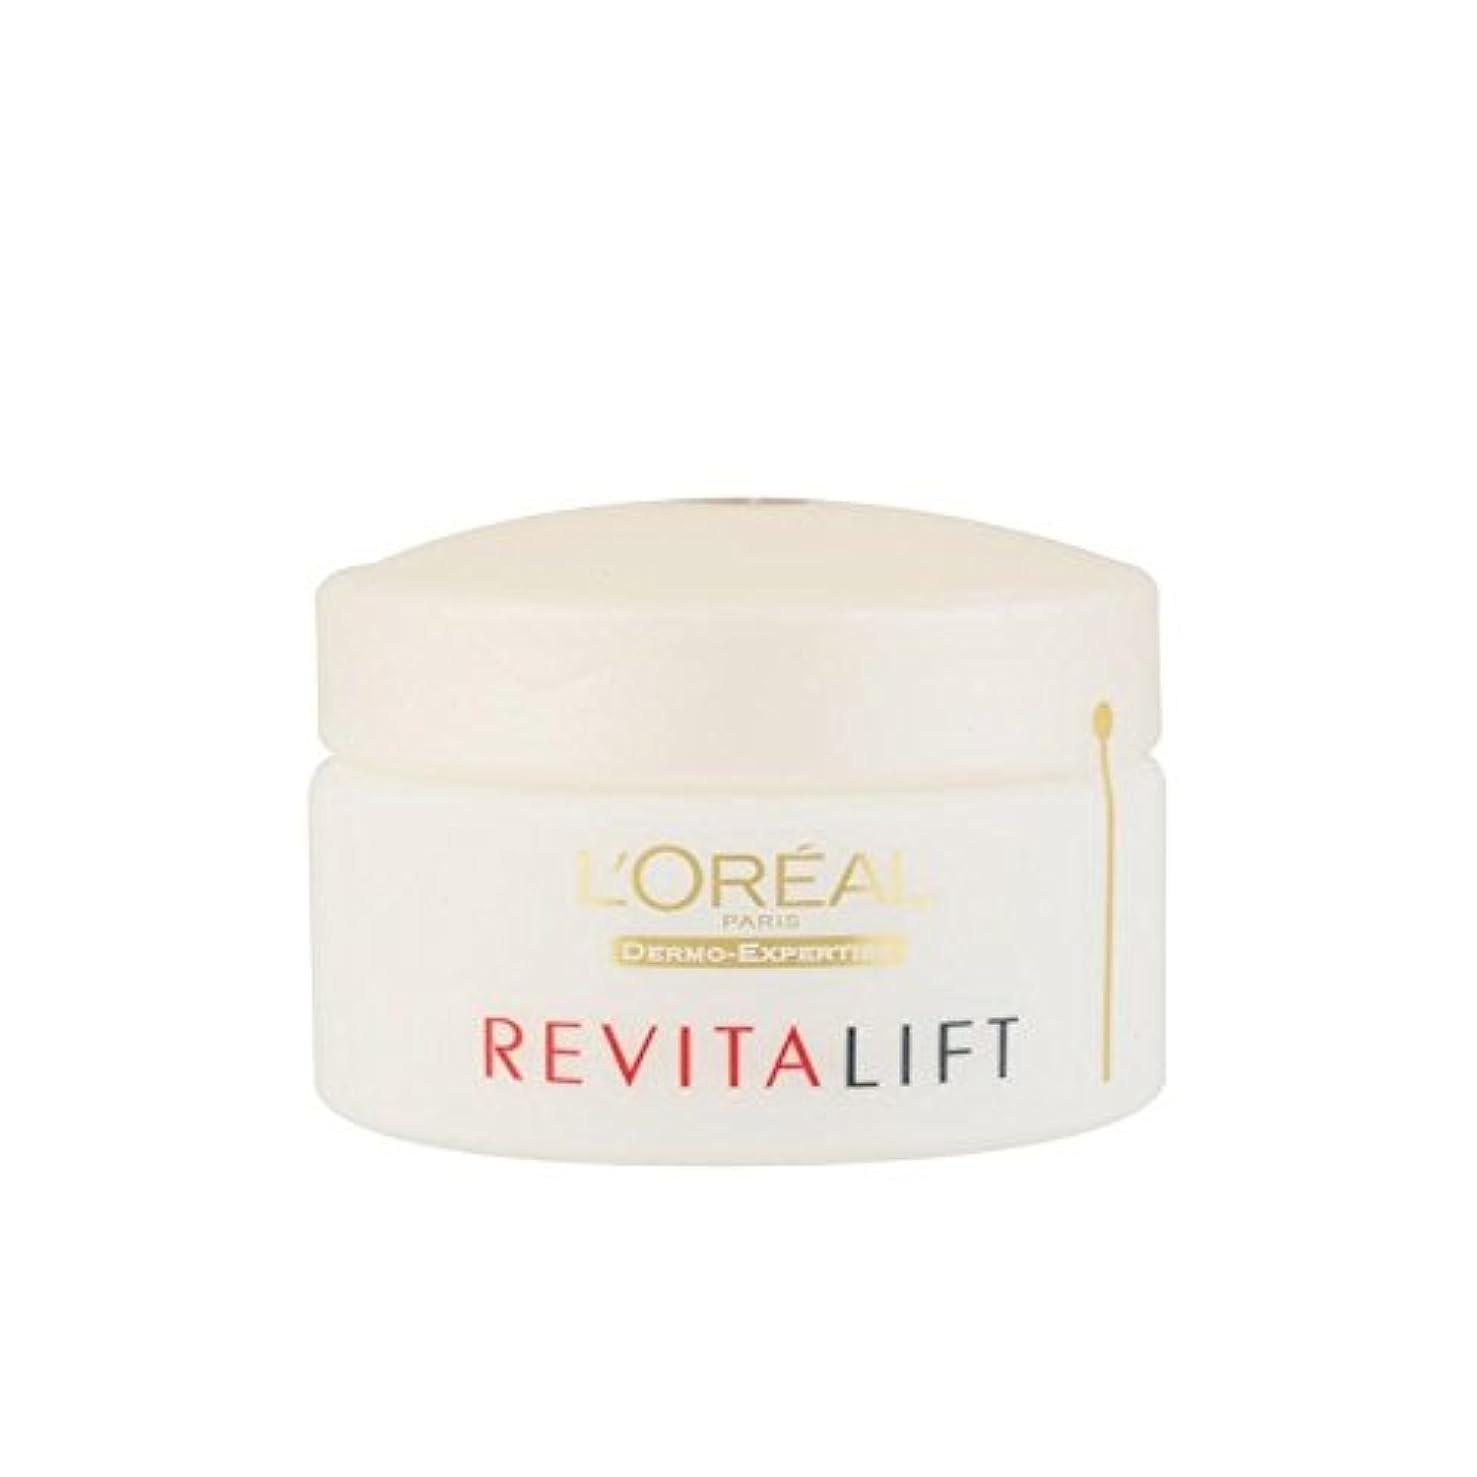 キルト混乱配列L'Oreal Paris Dermo Expertise Revitalift Anti-Wrinkle + Firming Day Cream (50ml) - ロレアルパリ、真皮の専門知識の抗シワ+ファーミングデイクリーム(50ミリリットル) [並行輸入品]